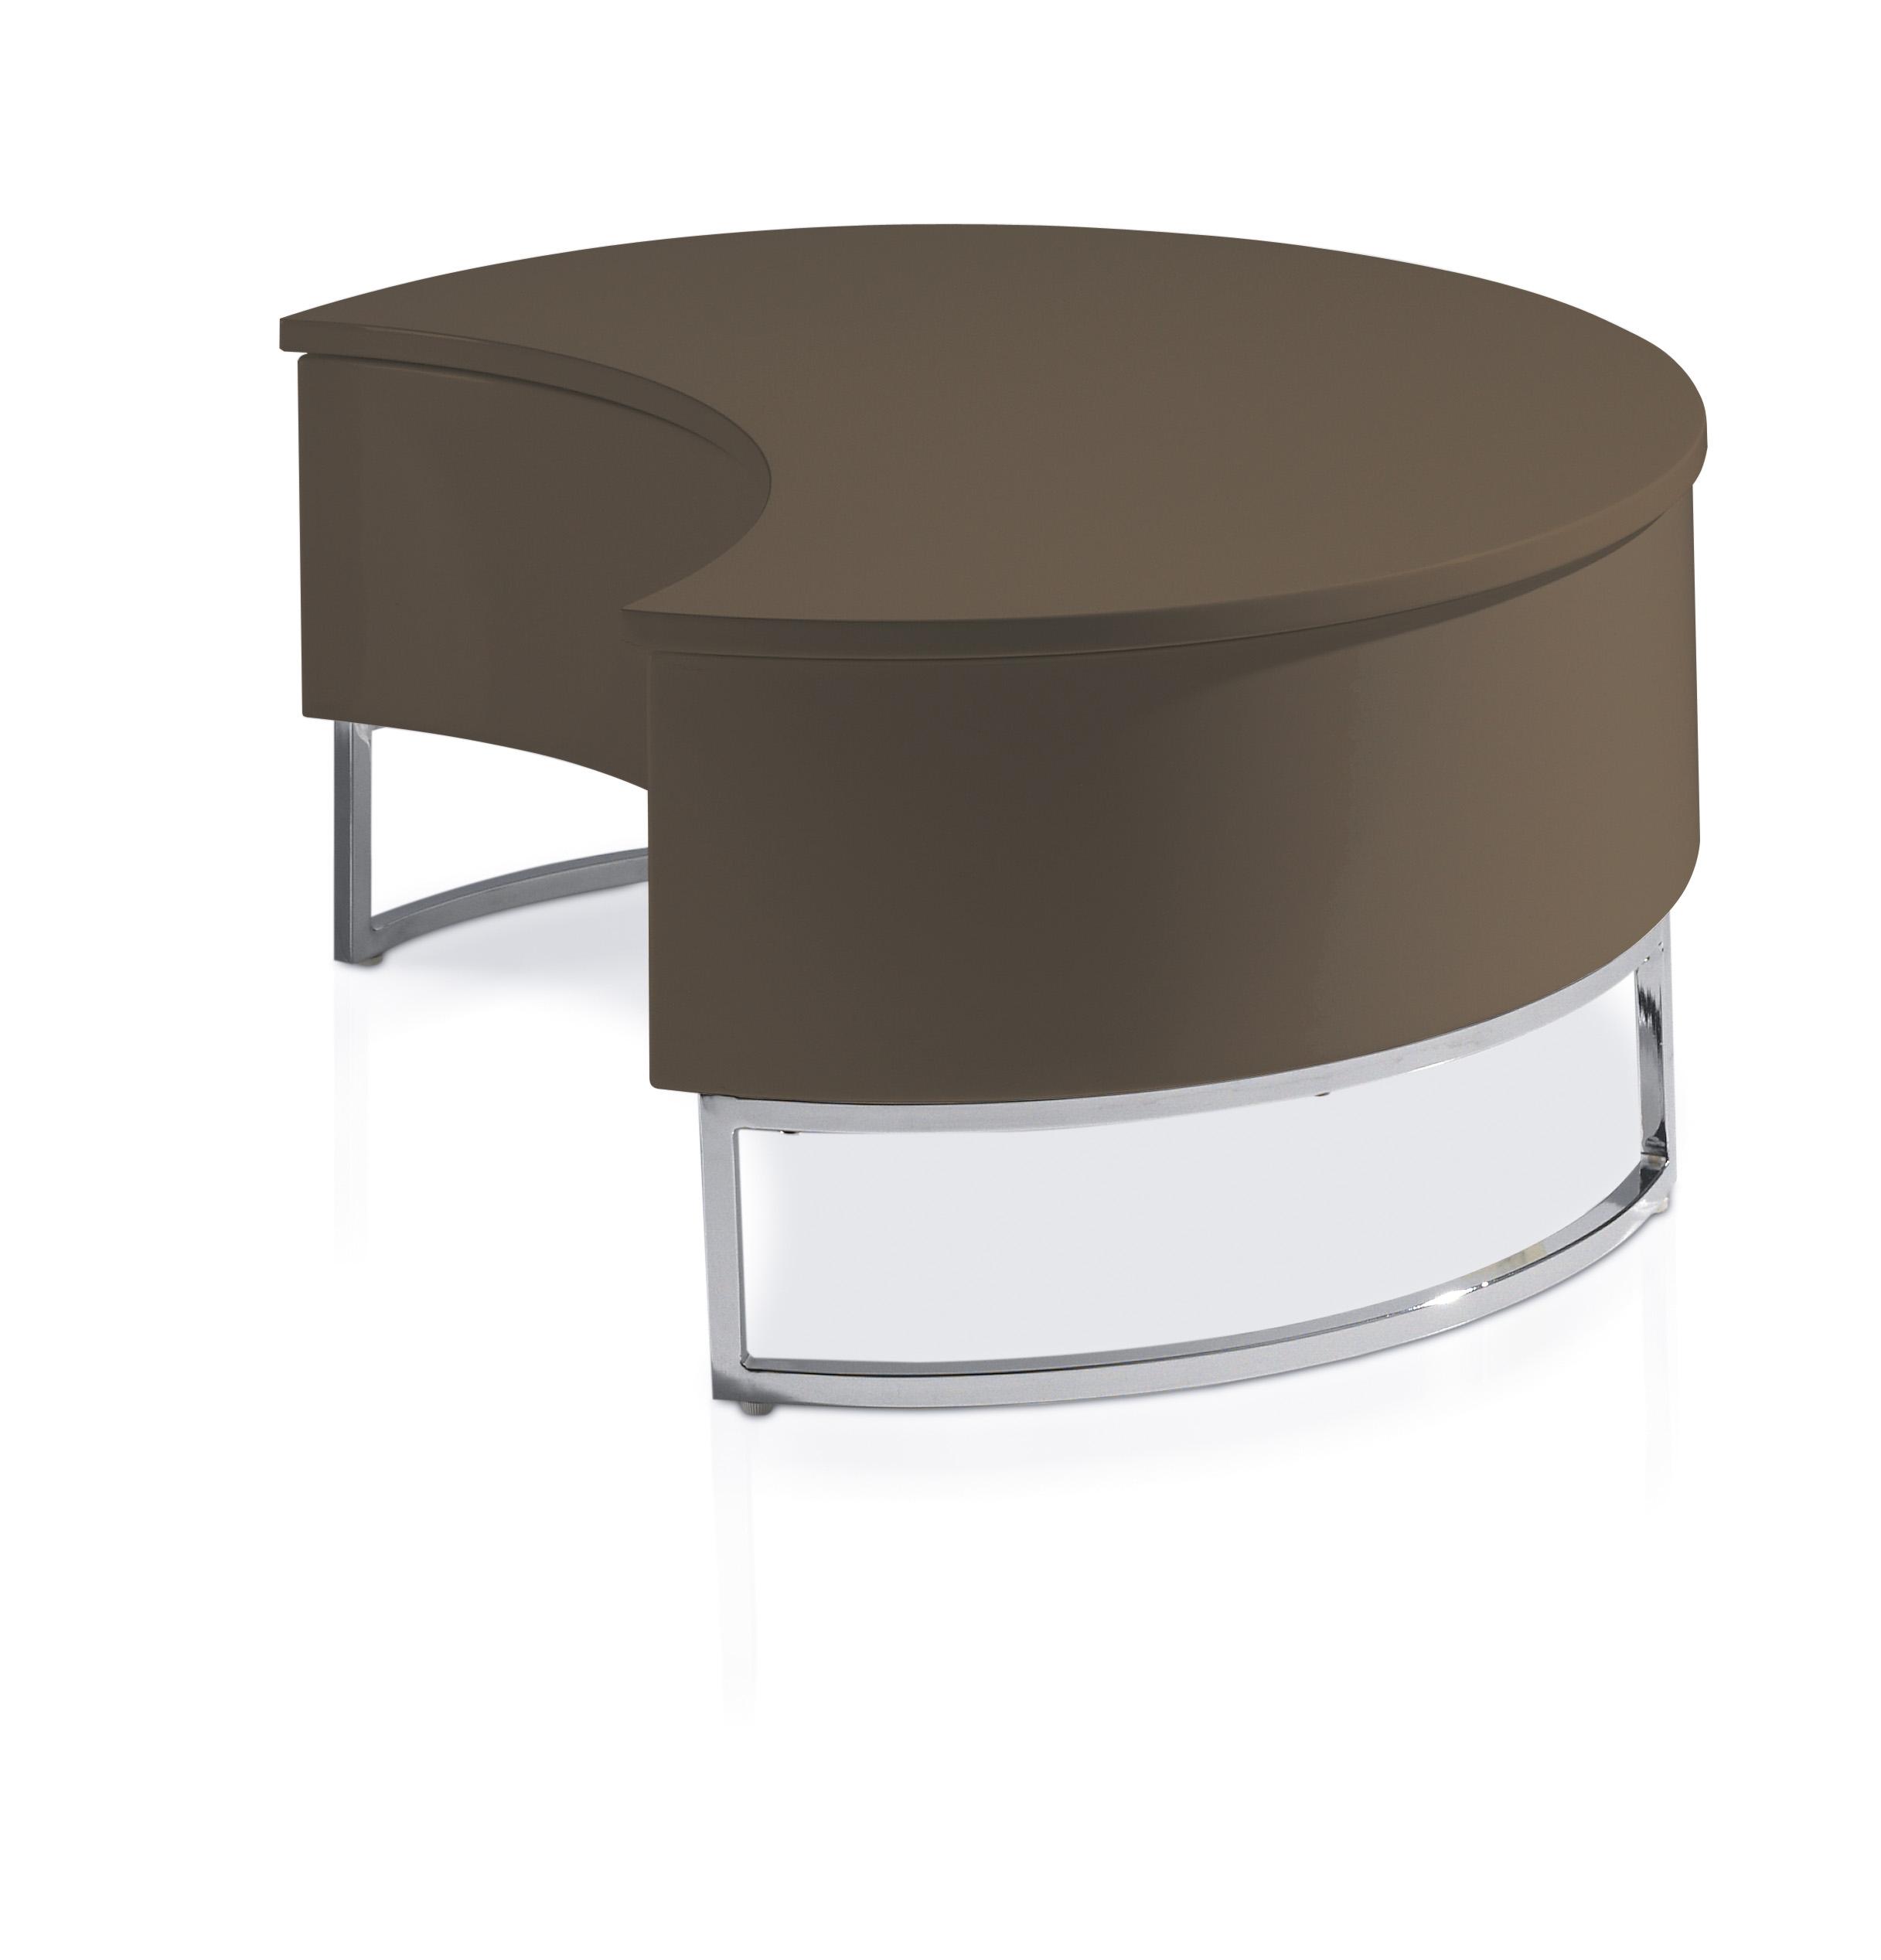 Table basse relevable laqu e marron pied acier chrom luna - Table basse marron ...